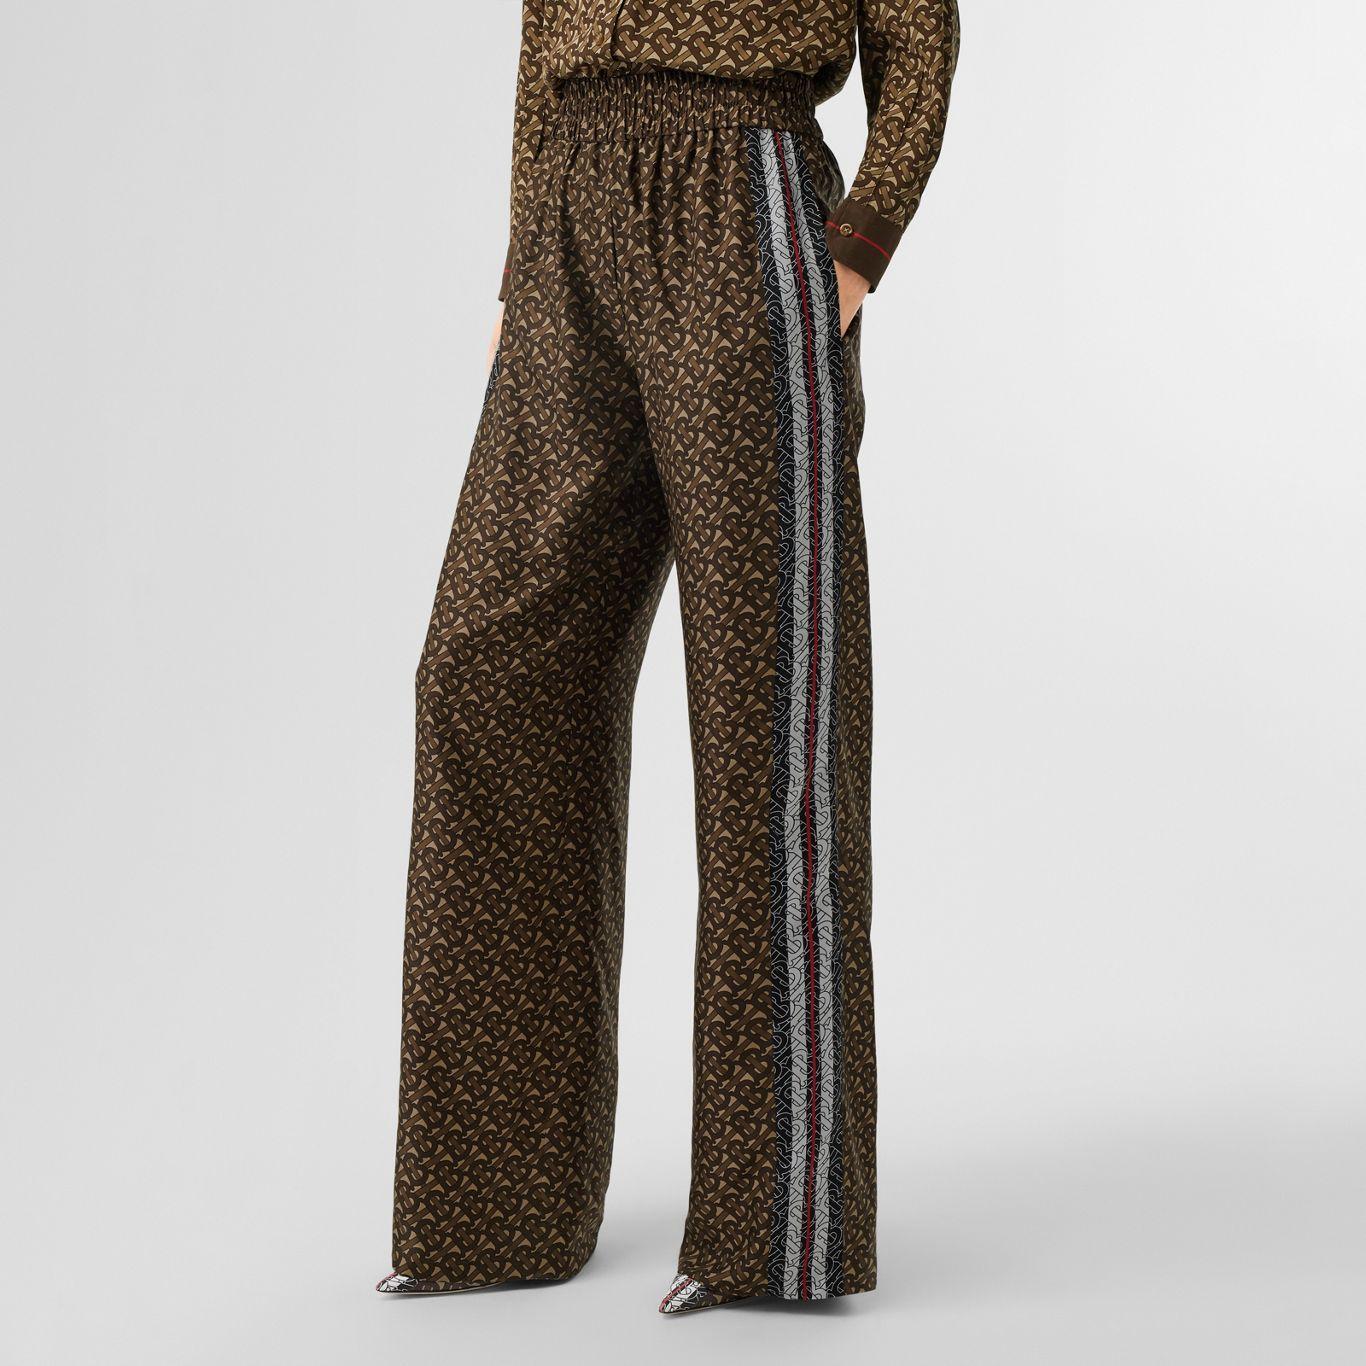 Pantalones Anchos En Seda Con Estampado De Rayas Y Monogramas Marron Ecuestre Mujer Burberry Monograma Pantalones Burberry